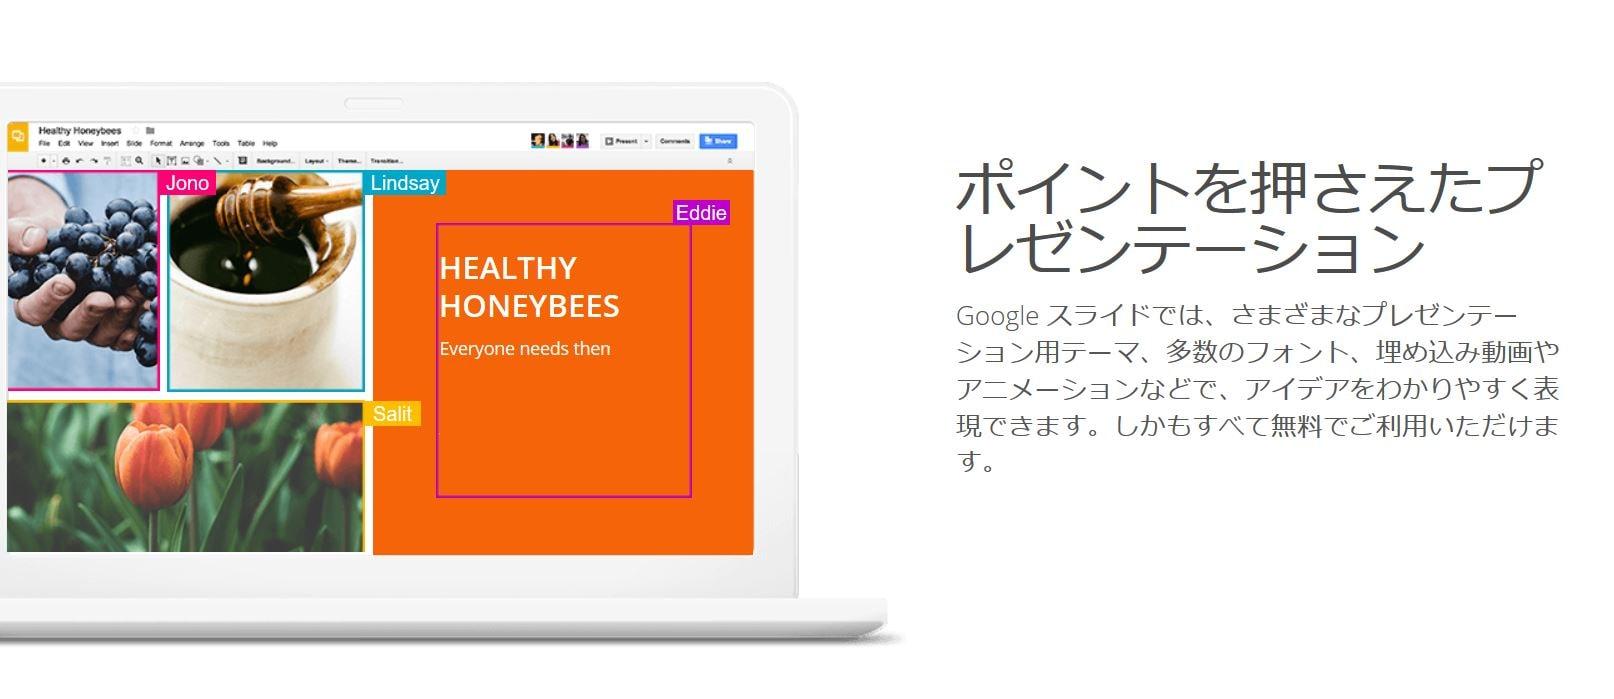 Google スライドの画像